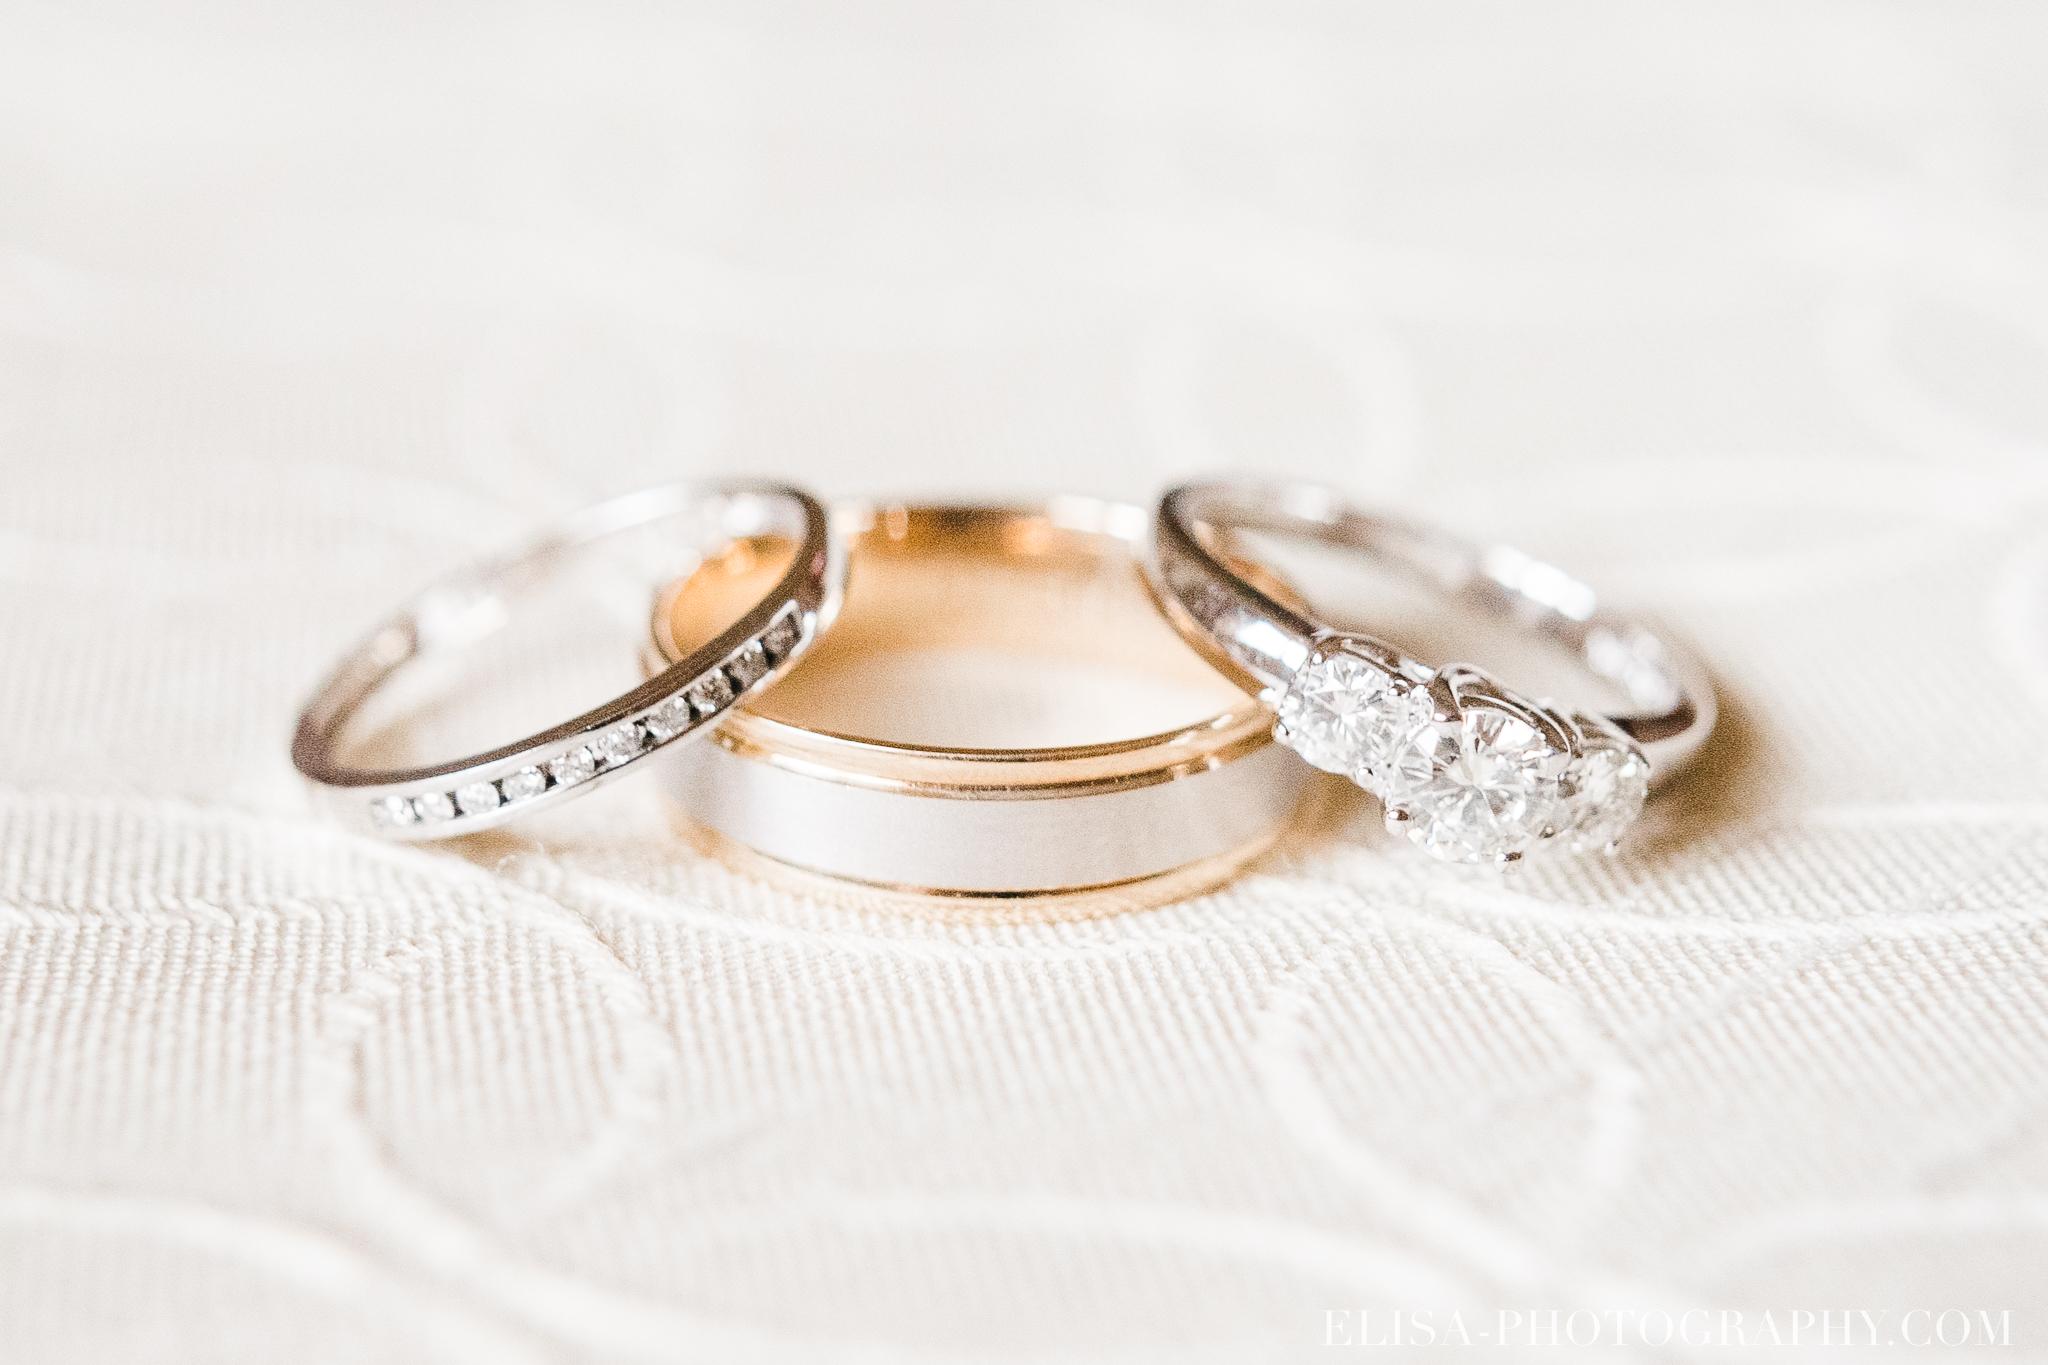 photo mariage ville quebec automne preparatif mariee robe bagues soulier 7089 - Galerie photos de mariage